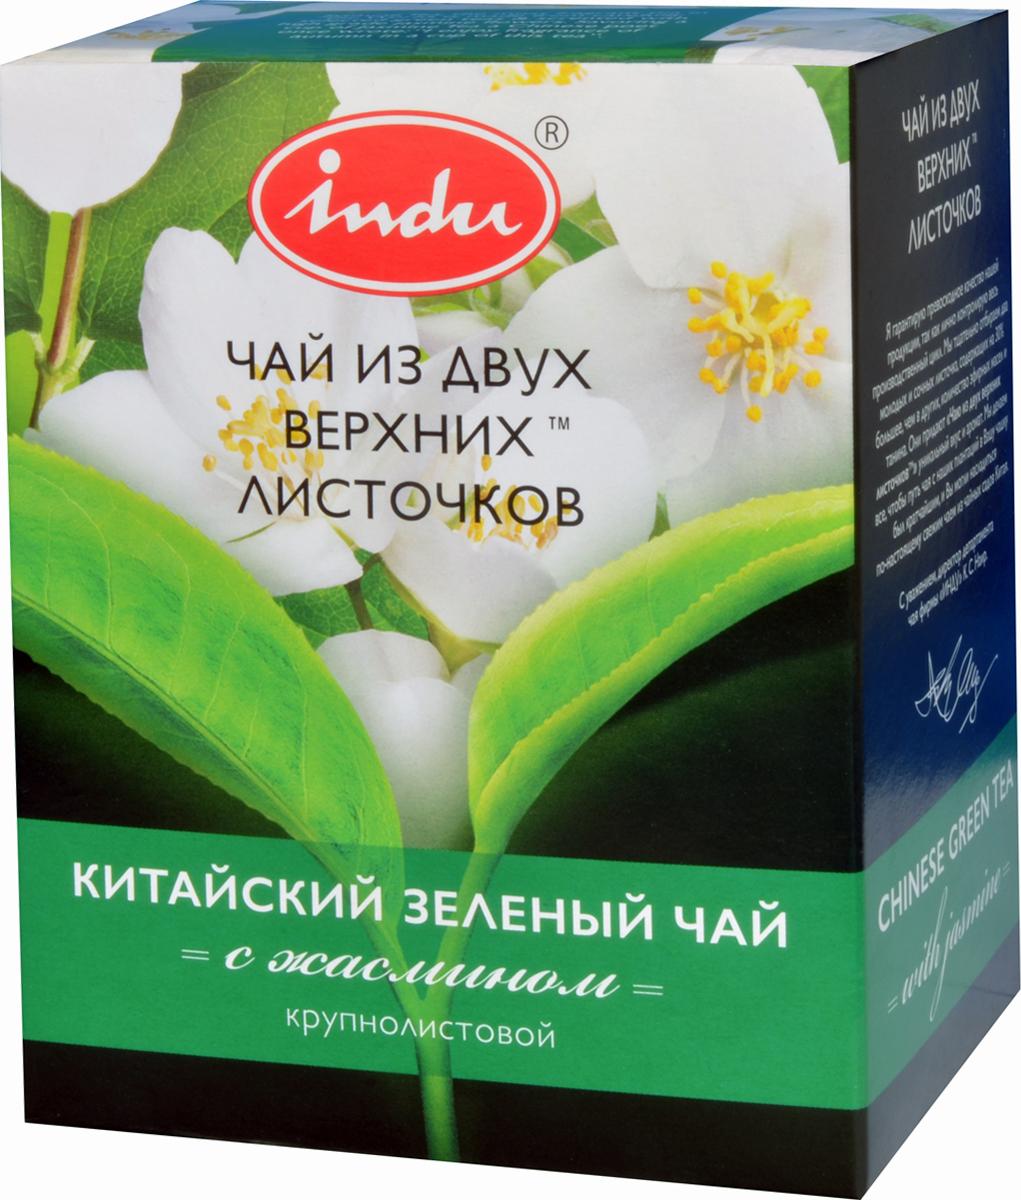 Indu Китайский зеленый листовой чай с жасмином, 90 гTTL-GCH-197Благоухающий аромат зеленого китайского чая Indu с жасмином покоряет любителей этого напитка по всему миру. Он приготовлен из бережно собранных листочков чая и цветков жасмина. Китайский поэт писал: Наслаждаюсь благоуханием осени в чашке этого чая.